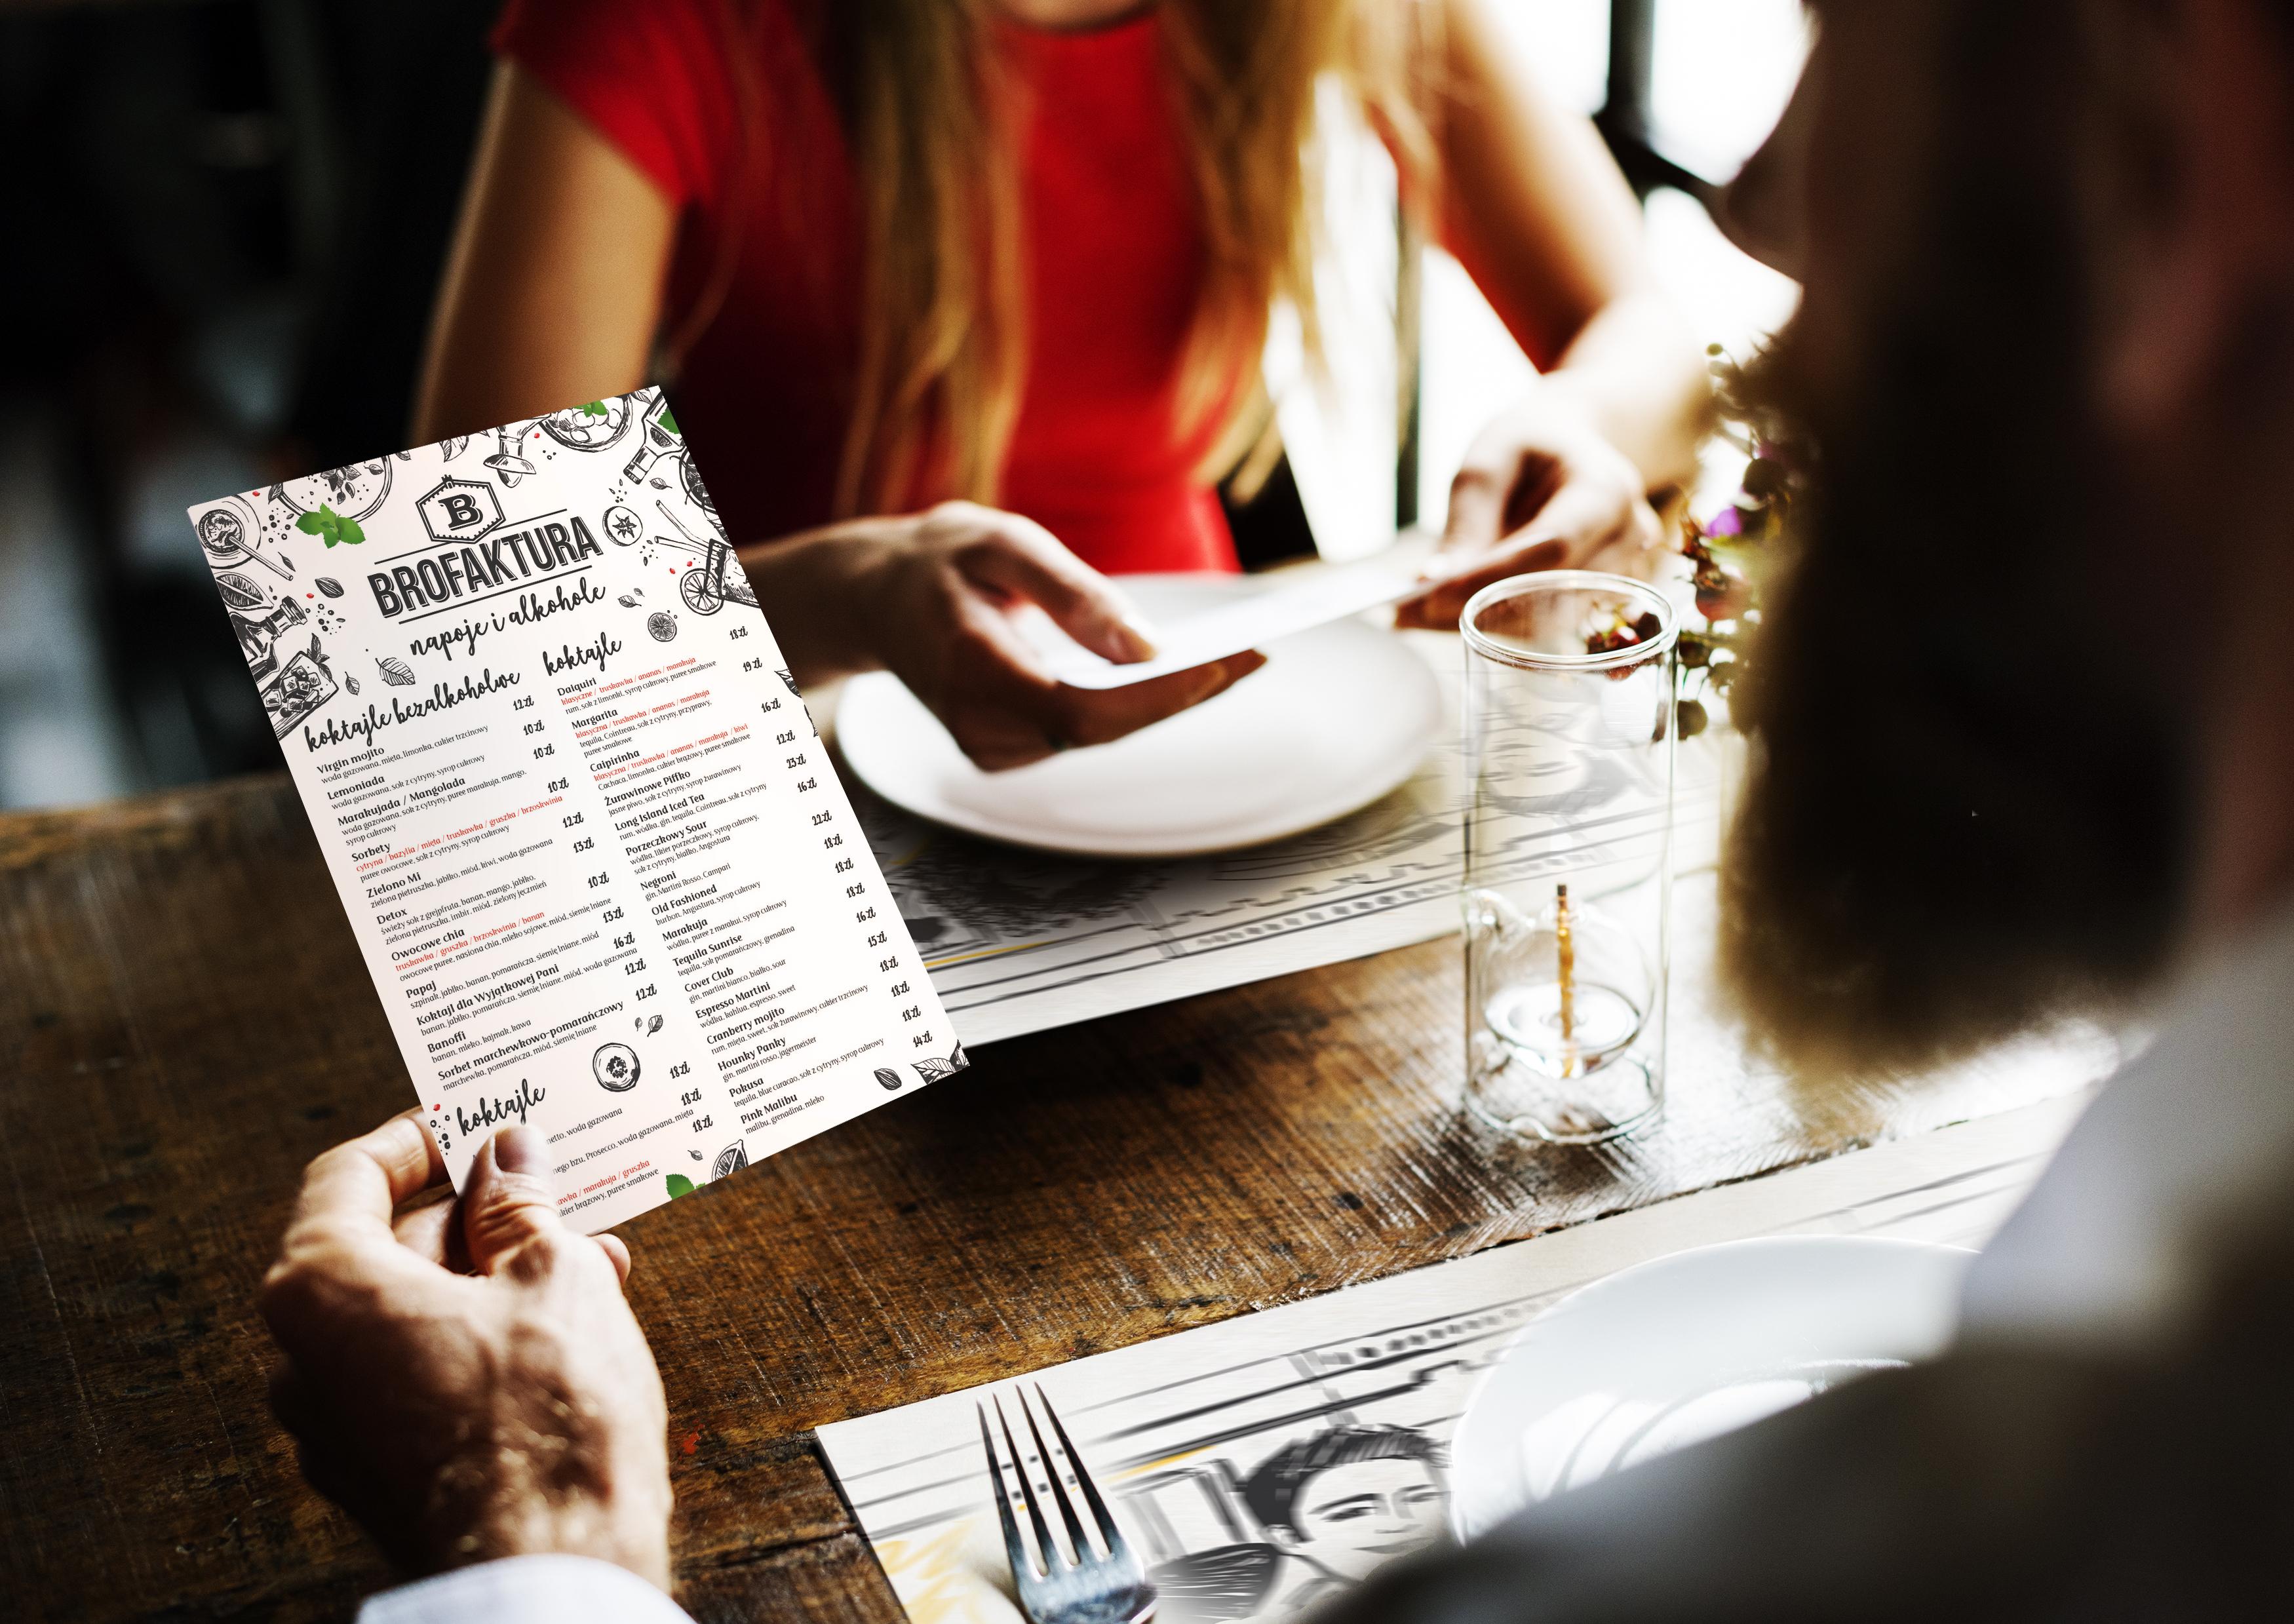 Brofaktura - Siedlecki Browar Restauracyjny 4